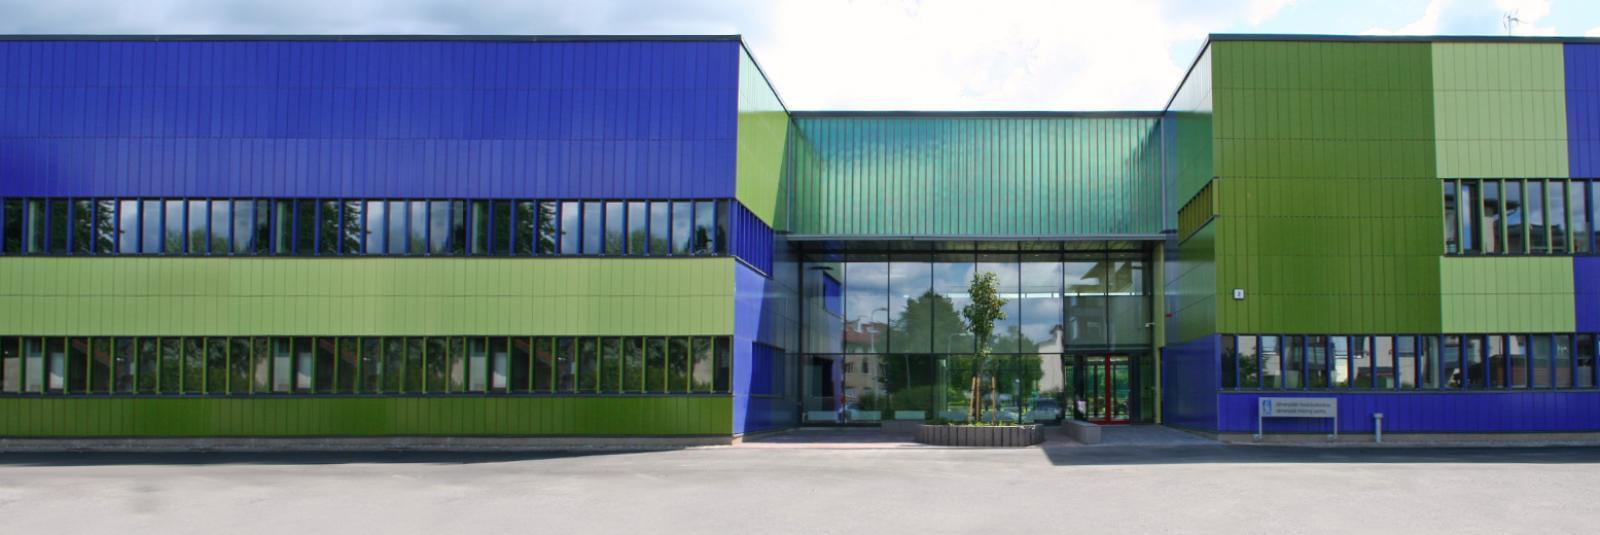 valley fachada kuntola school